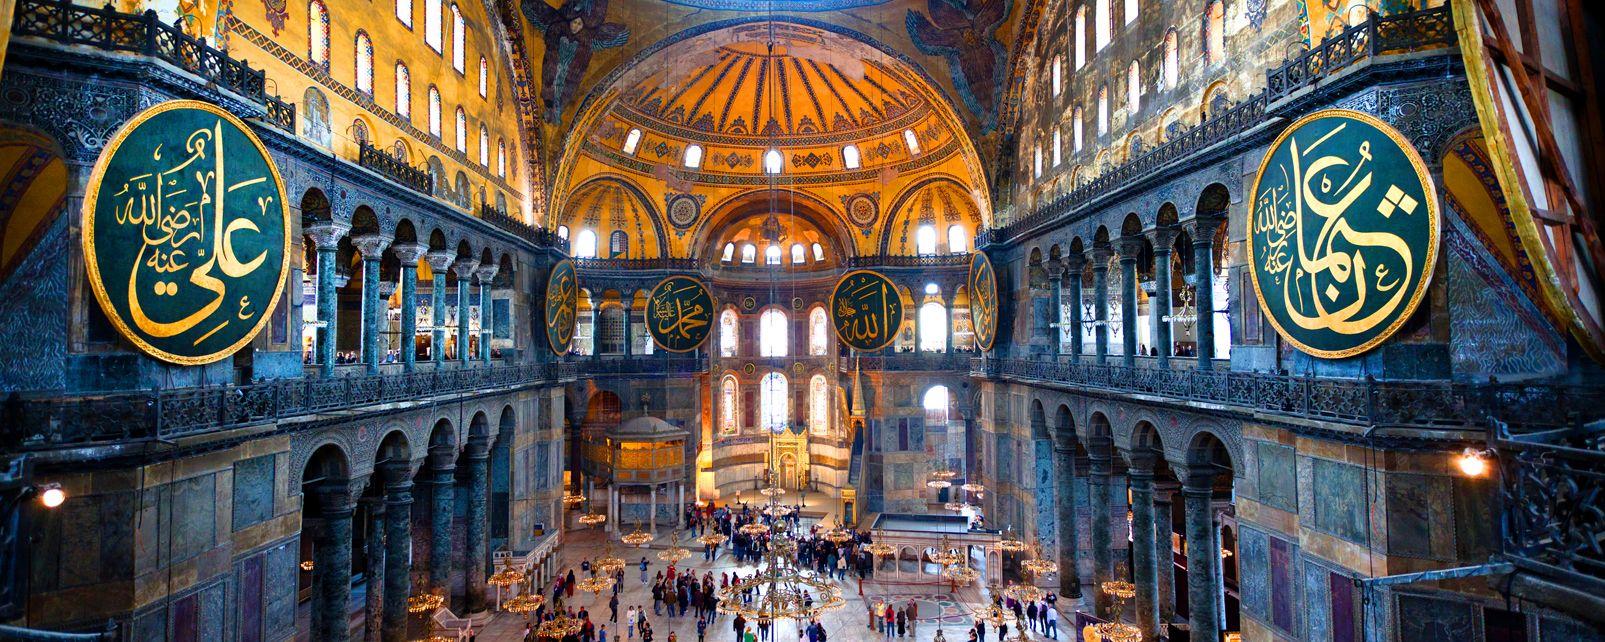 St. Sophia Museum , St Sophia Museum , Turkey